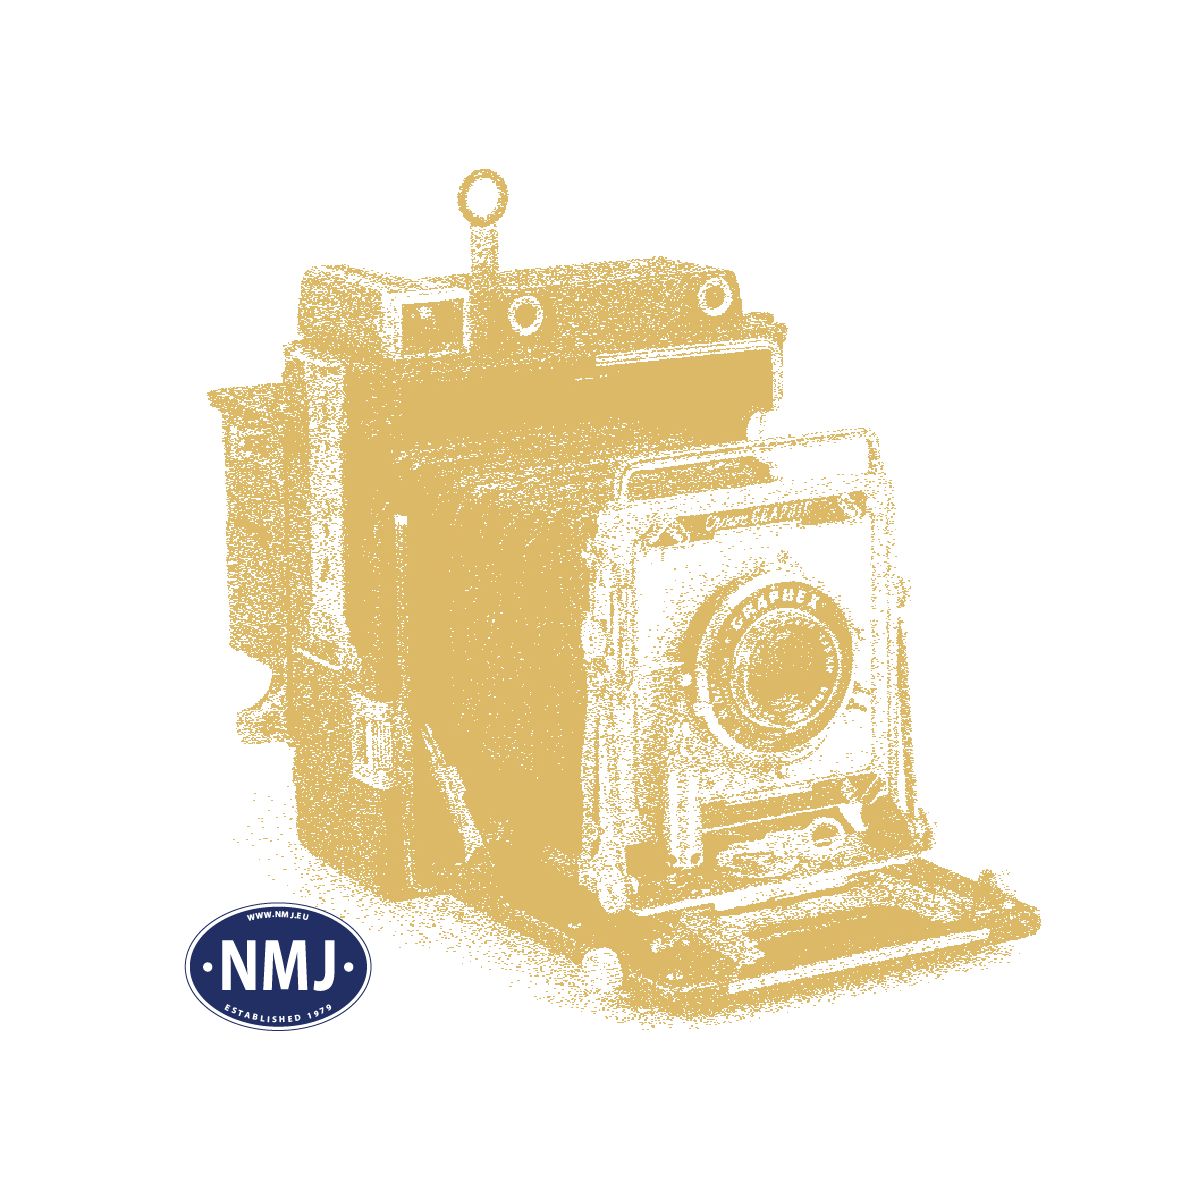 NMJT9920 - Eikehjul for EL13 DC